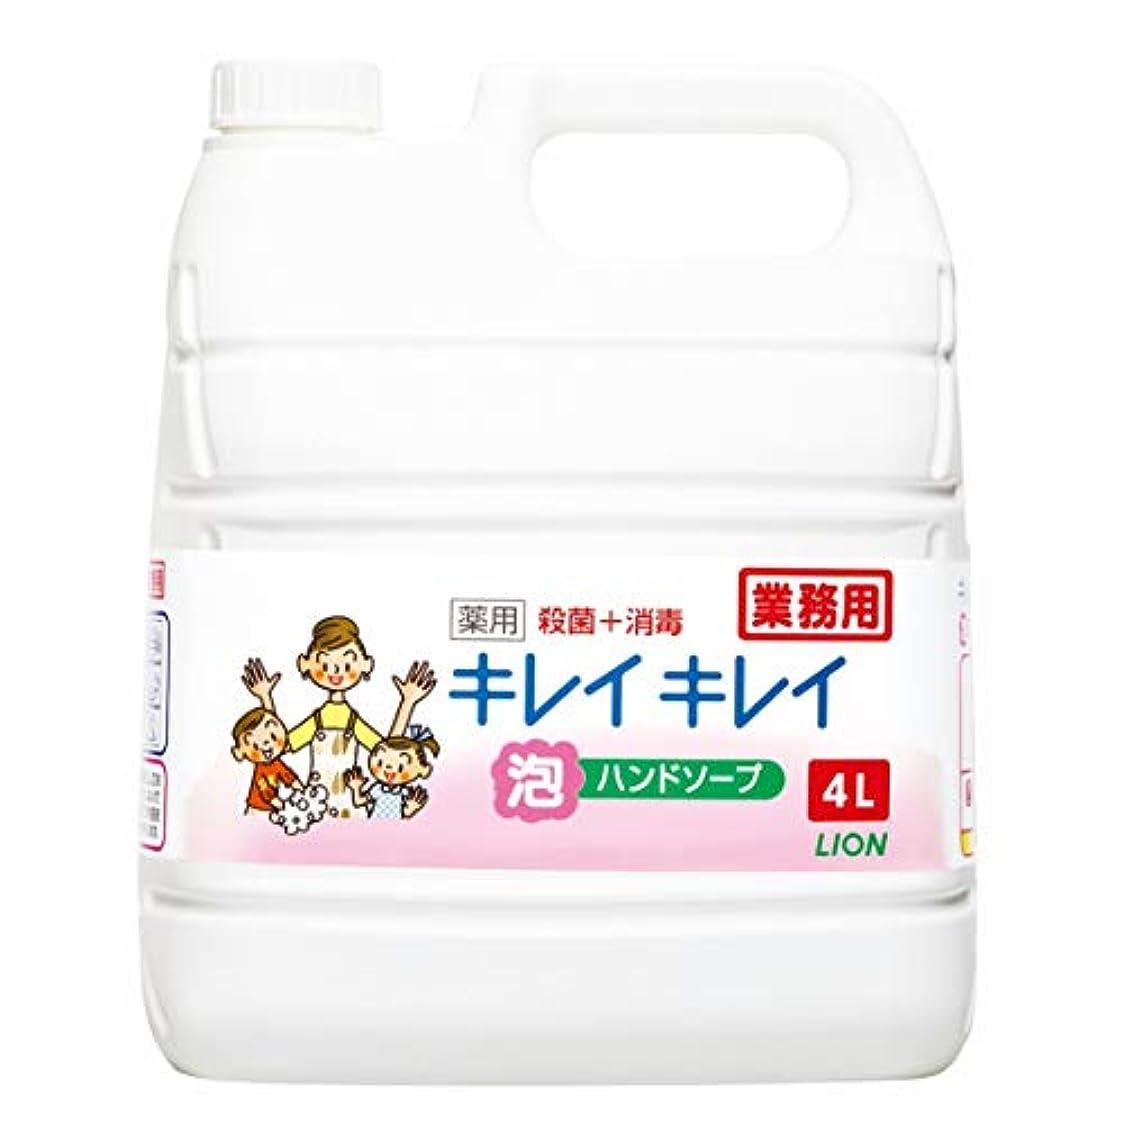 達成計画お【業務用 大容量】キレイキレイ 薬用 泡ハンドソープ シトラスフルーティの香り 4L(医薬部外品)